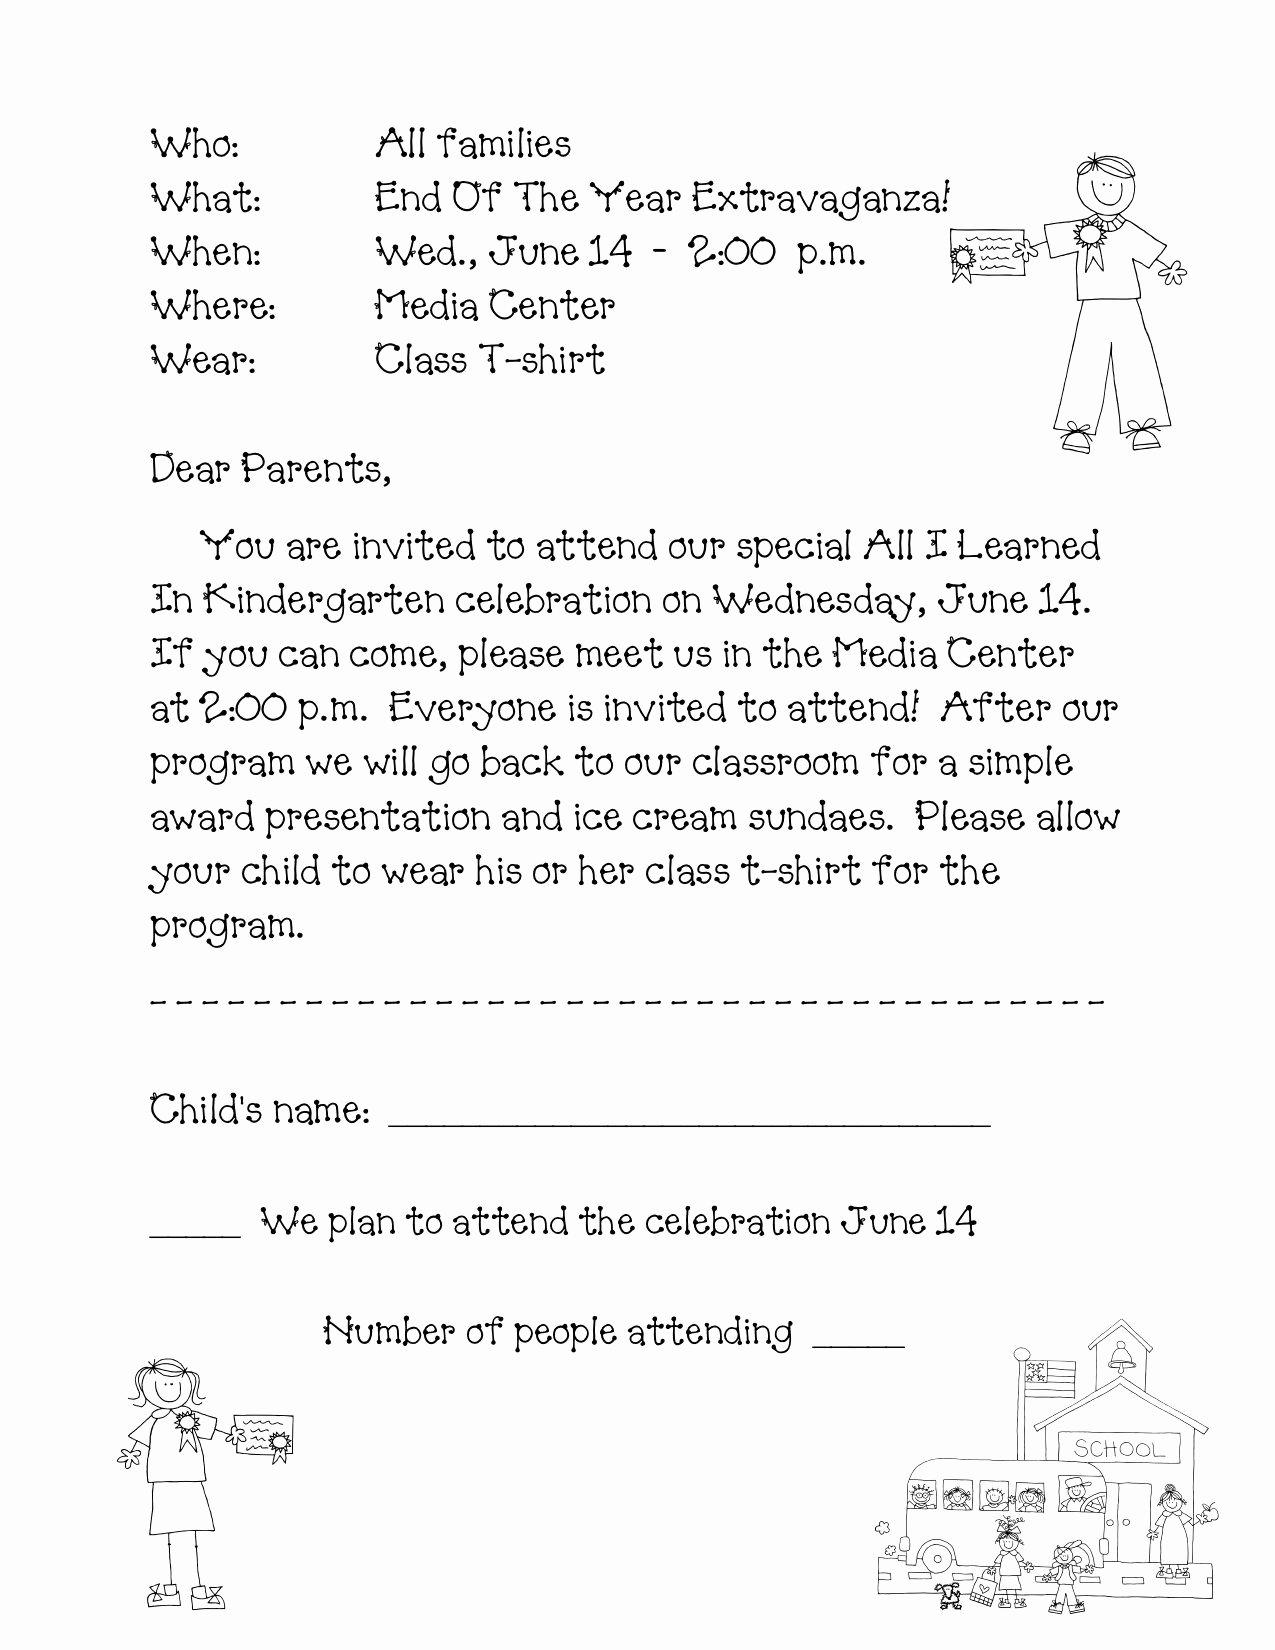 preschool wel e letter to parents from teacher template